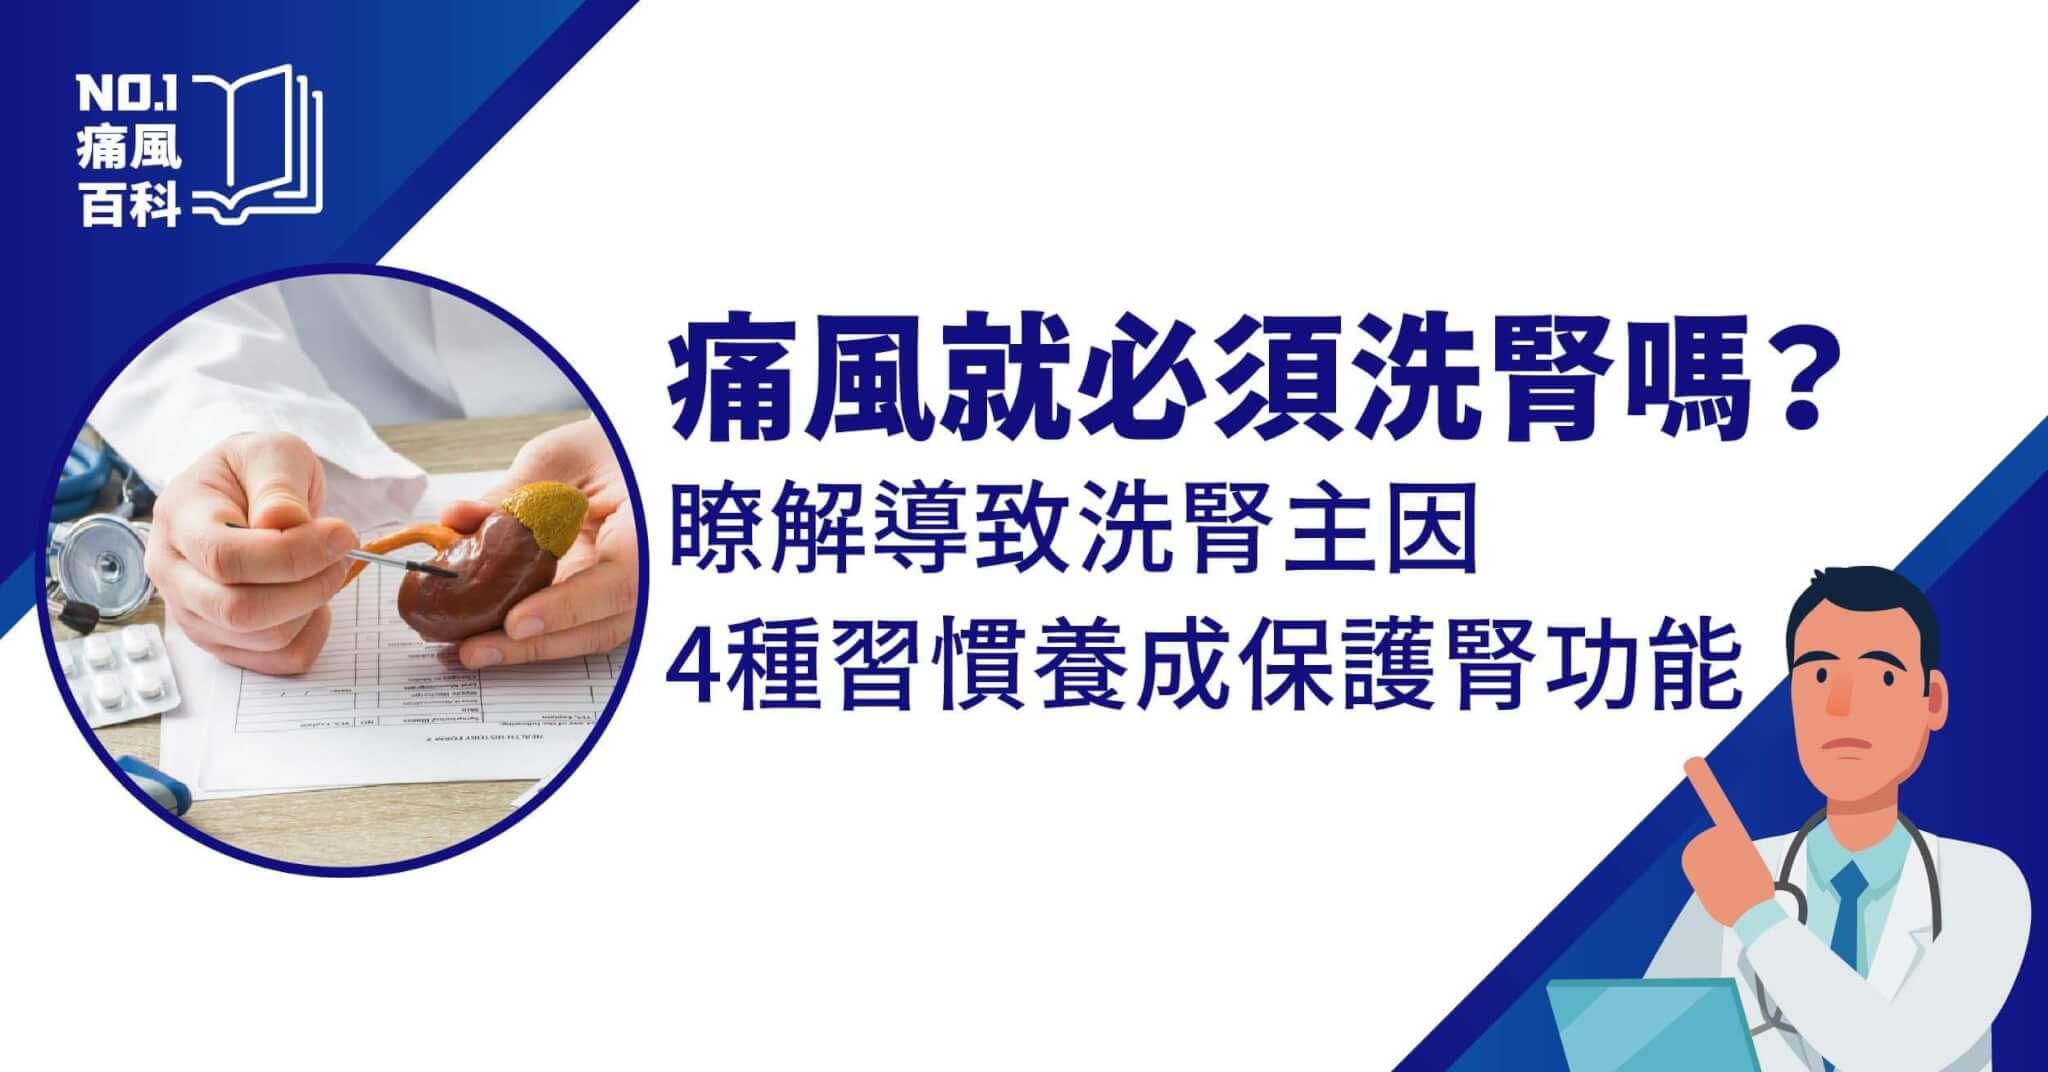 洗腎與痛風的關聯